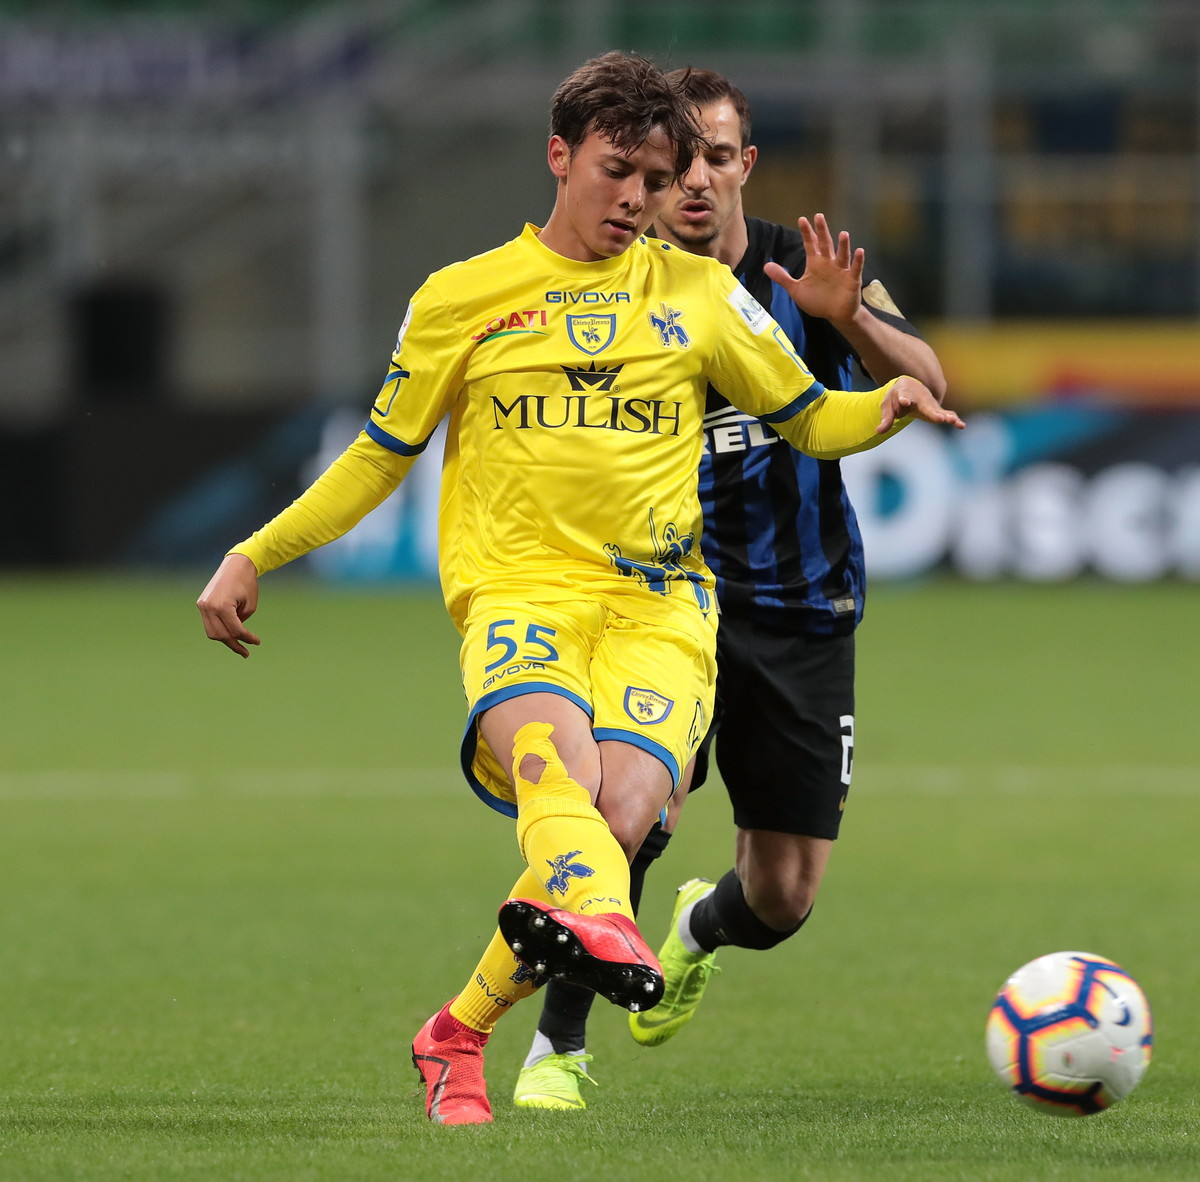 Vignato dal Chievo al Bologna per 2,5 milioni